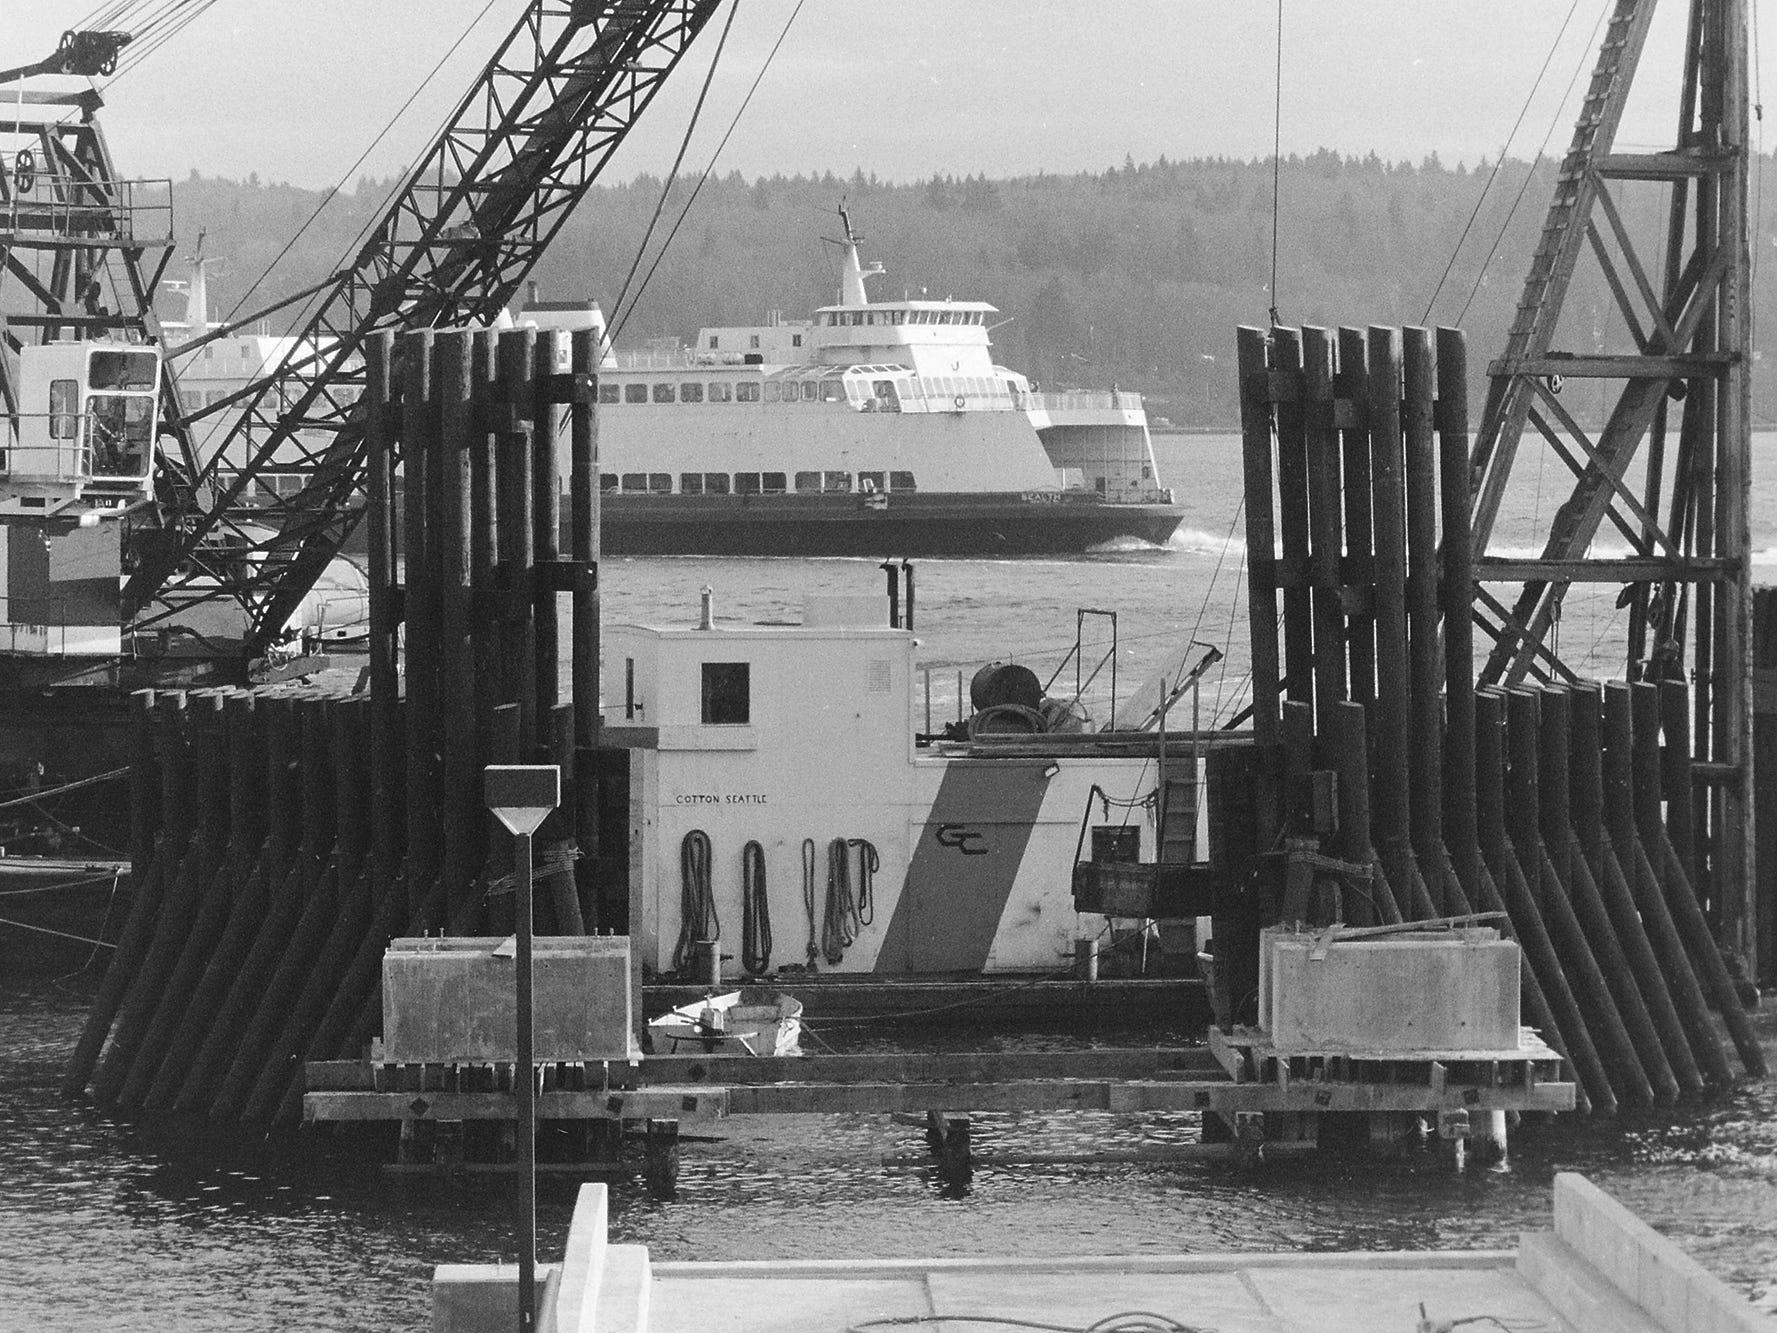 03/09/90Bremerton Dock Work